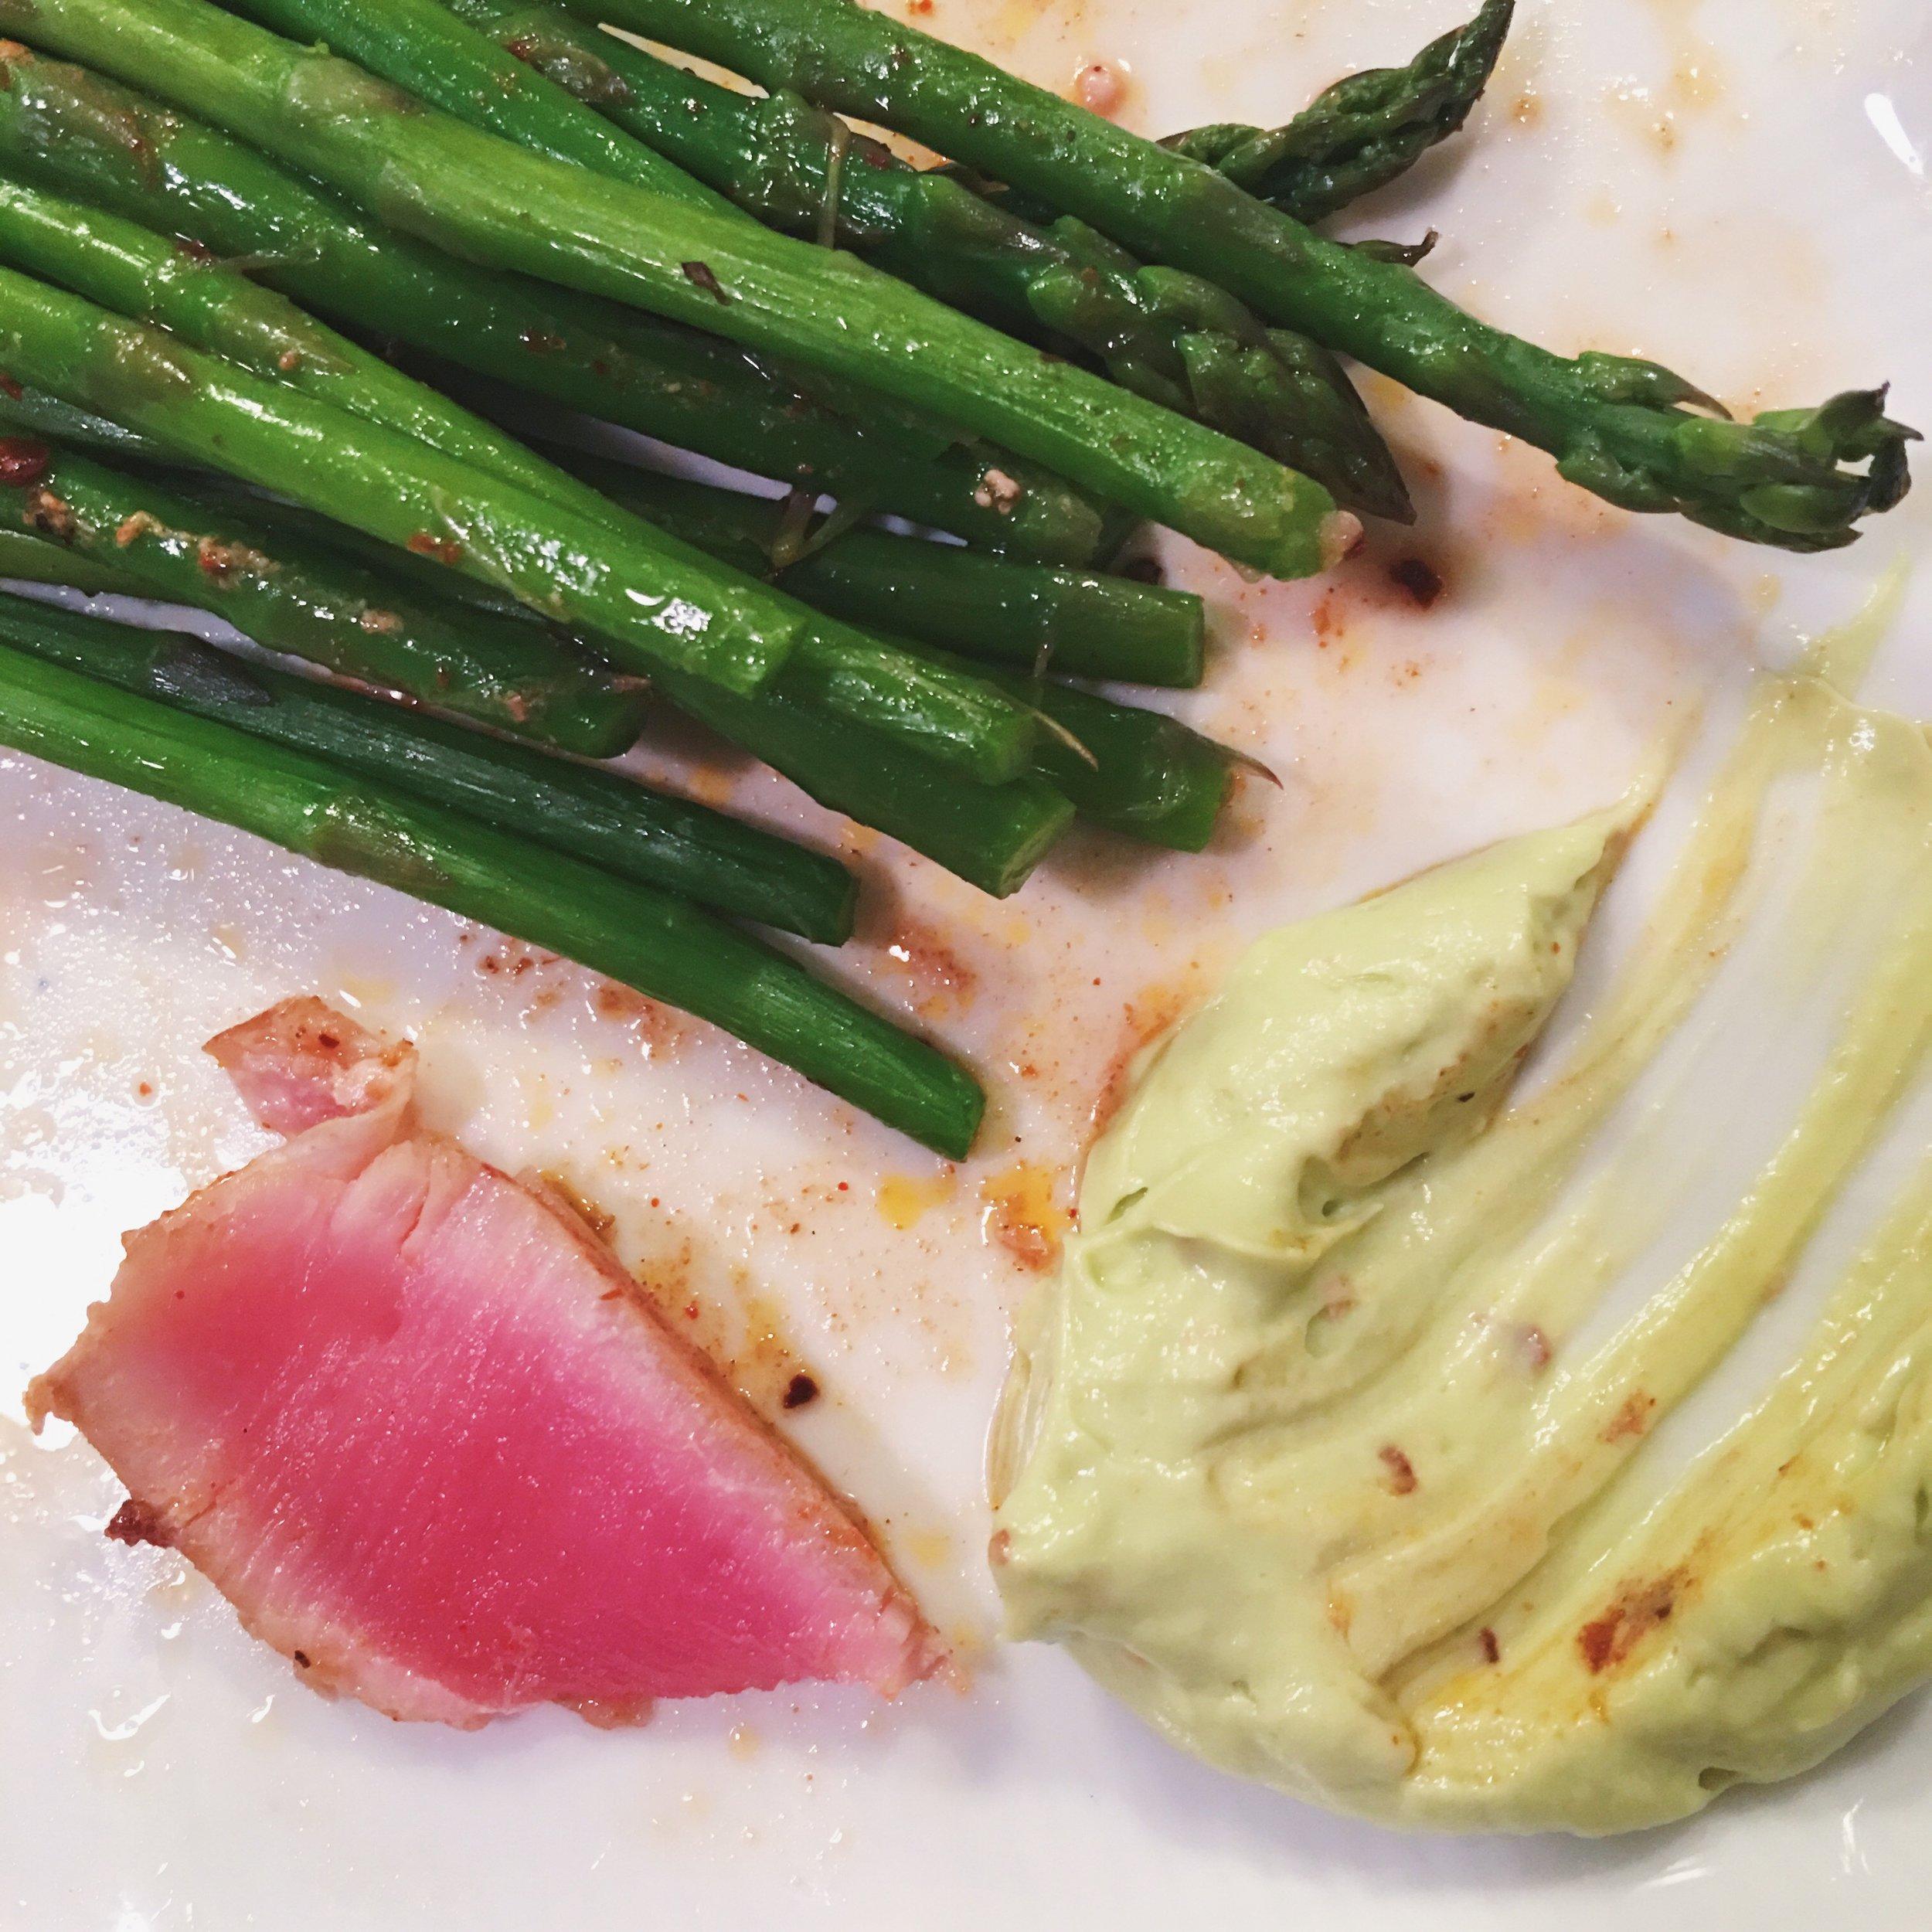 seared-ahi-tuna-recipe-health-fitness.jpg